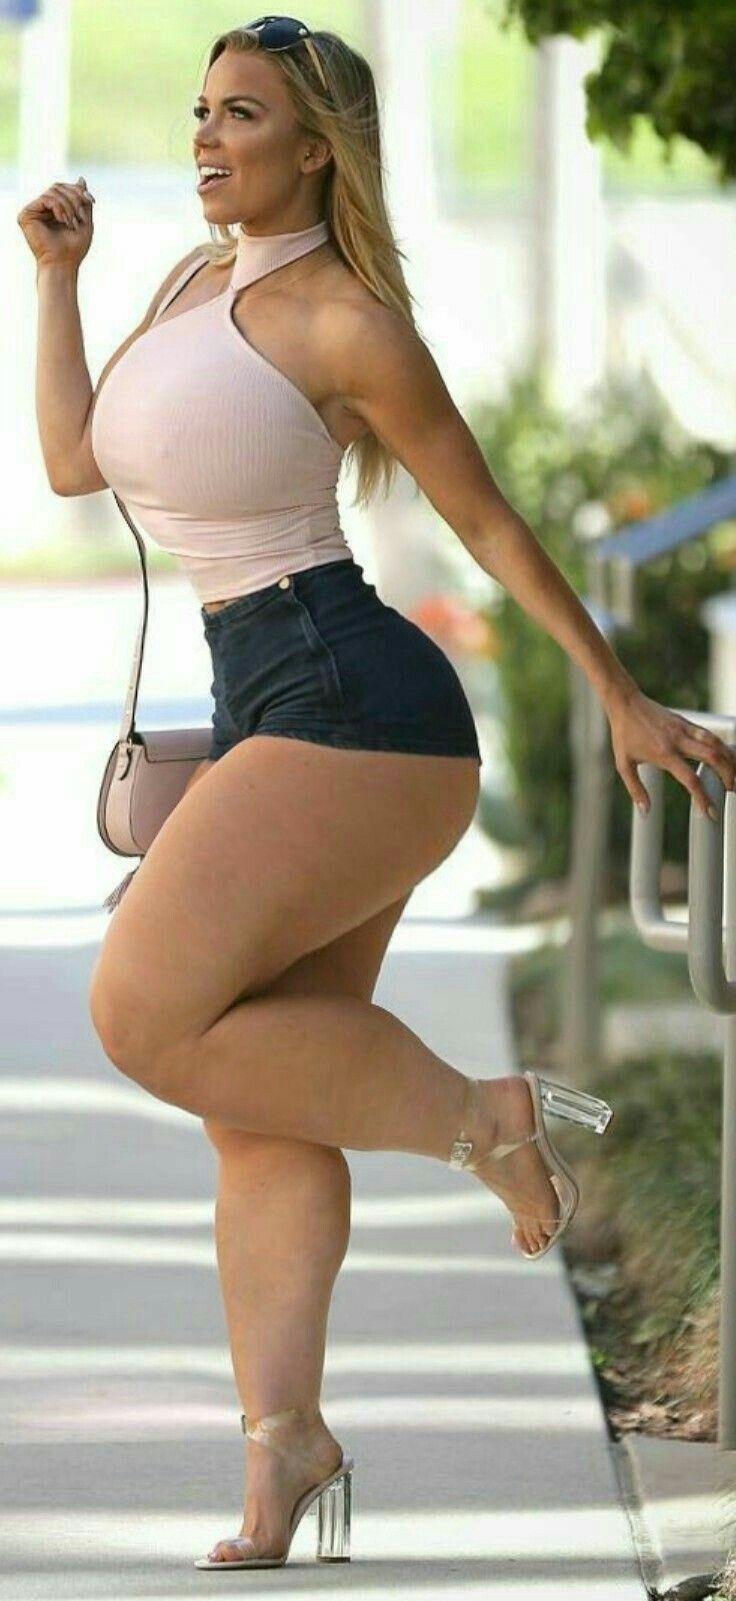 Negra voluptuosa de colombia mostrandose desnuda en el web 6